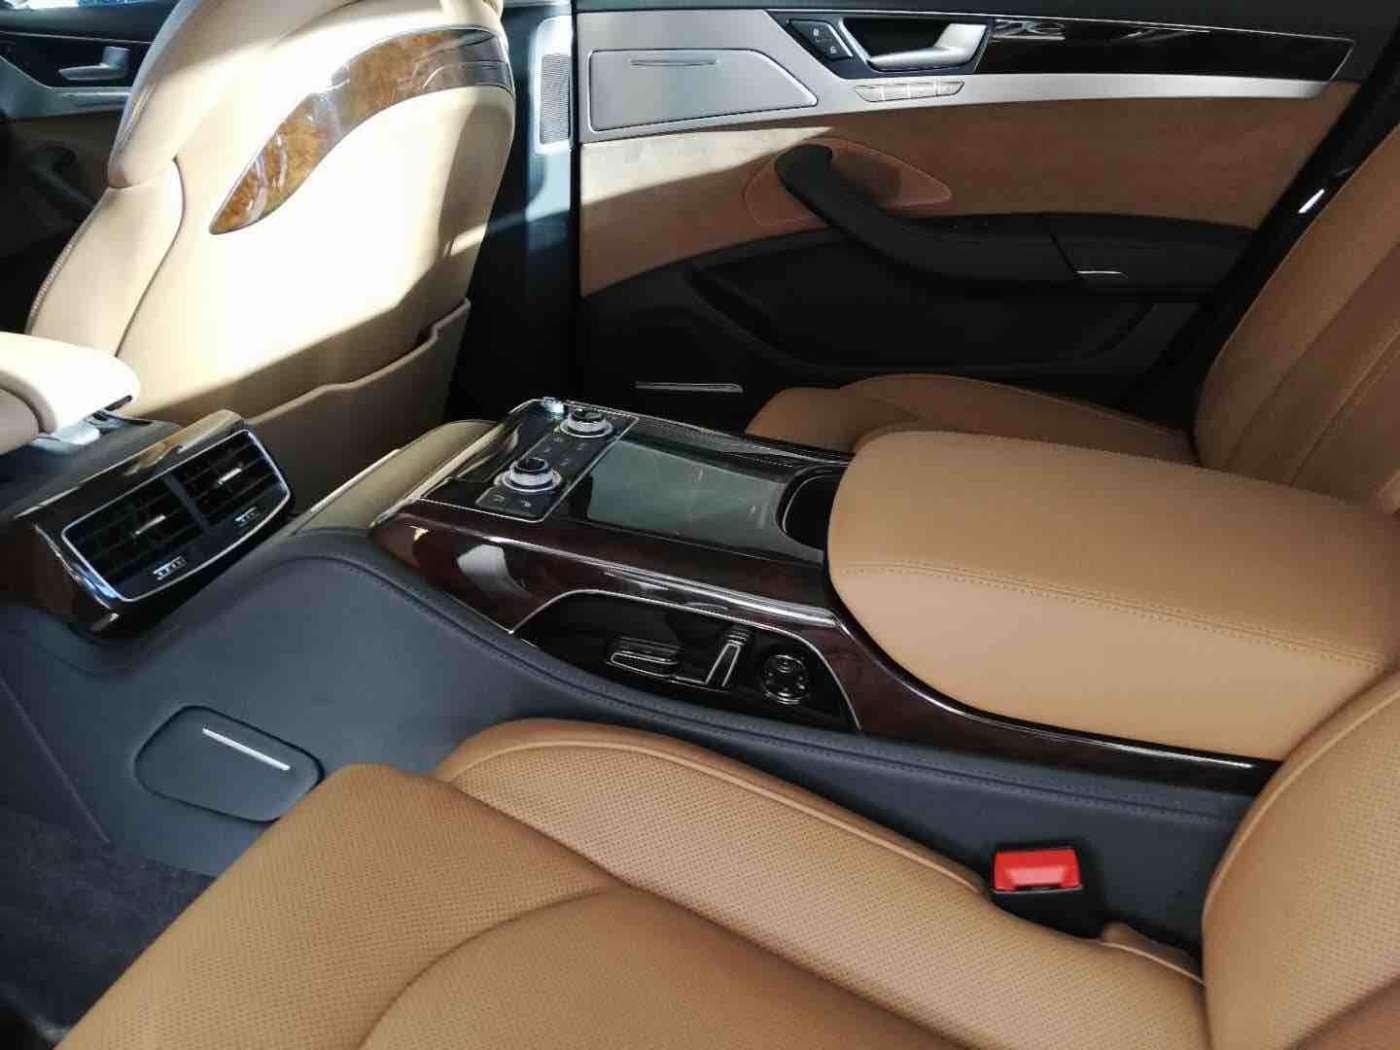 2015年03月 奥迪A8 2014款 A8L 45 TFSI quattro专享型|甄选奥迪-北京卡斯基汽车服务有限公司